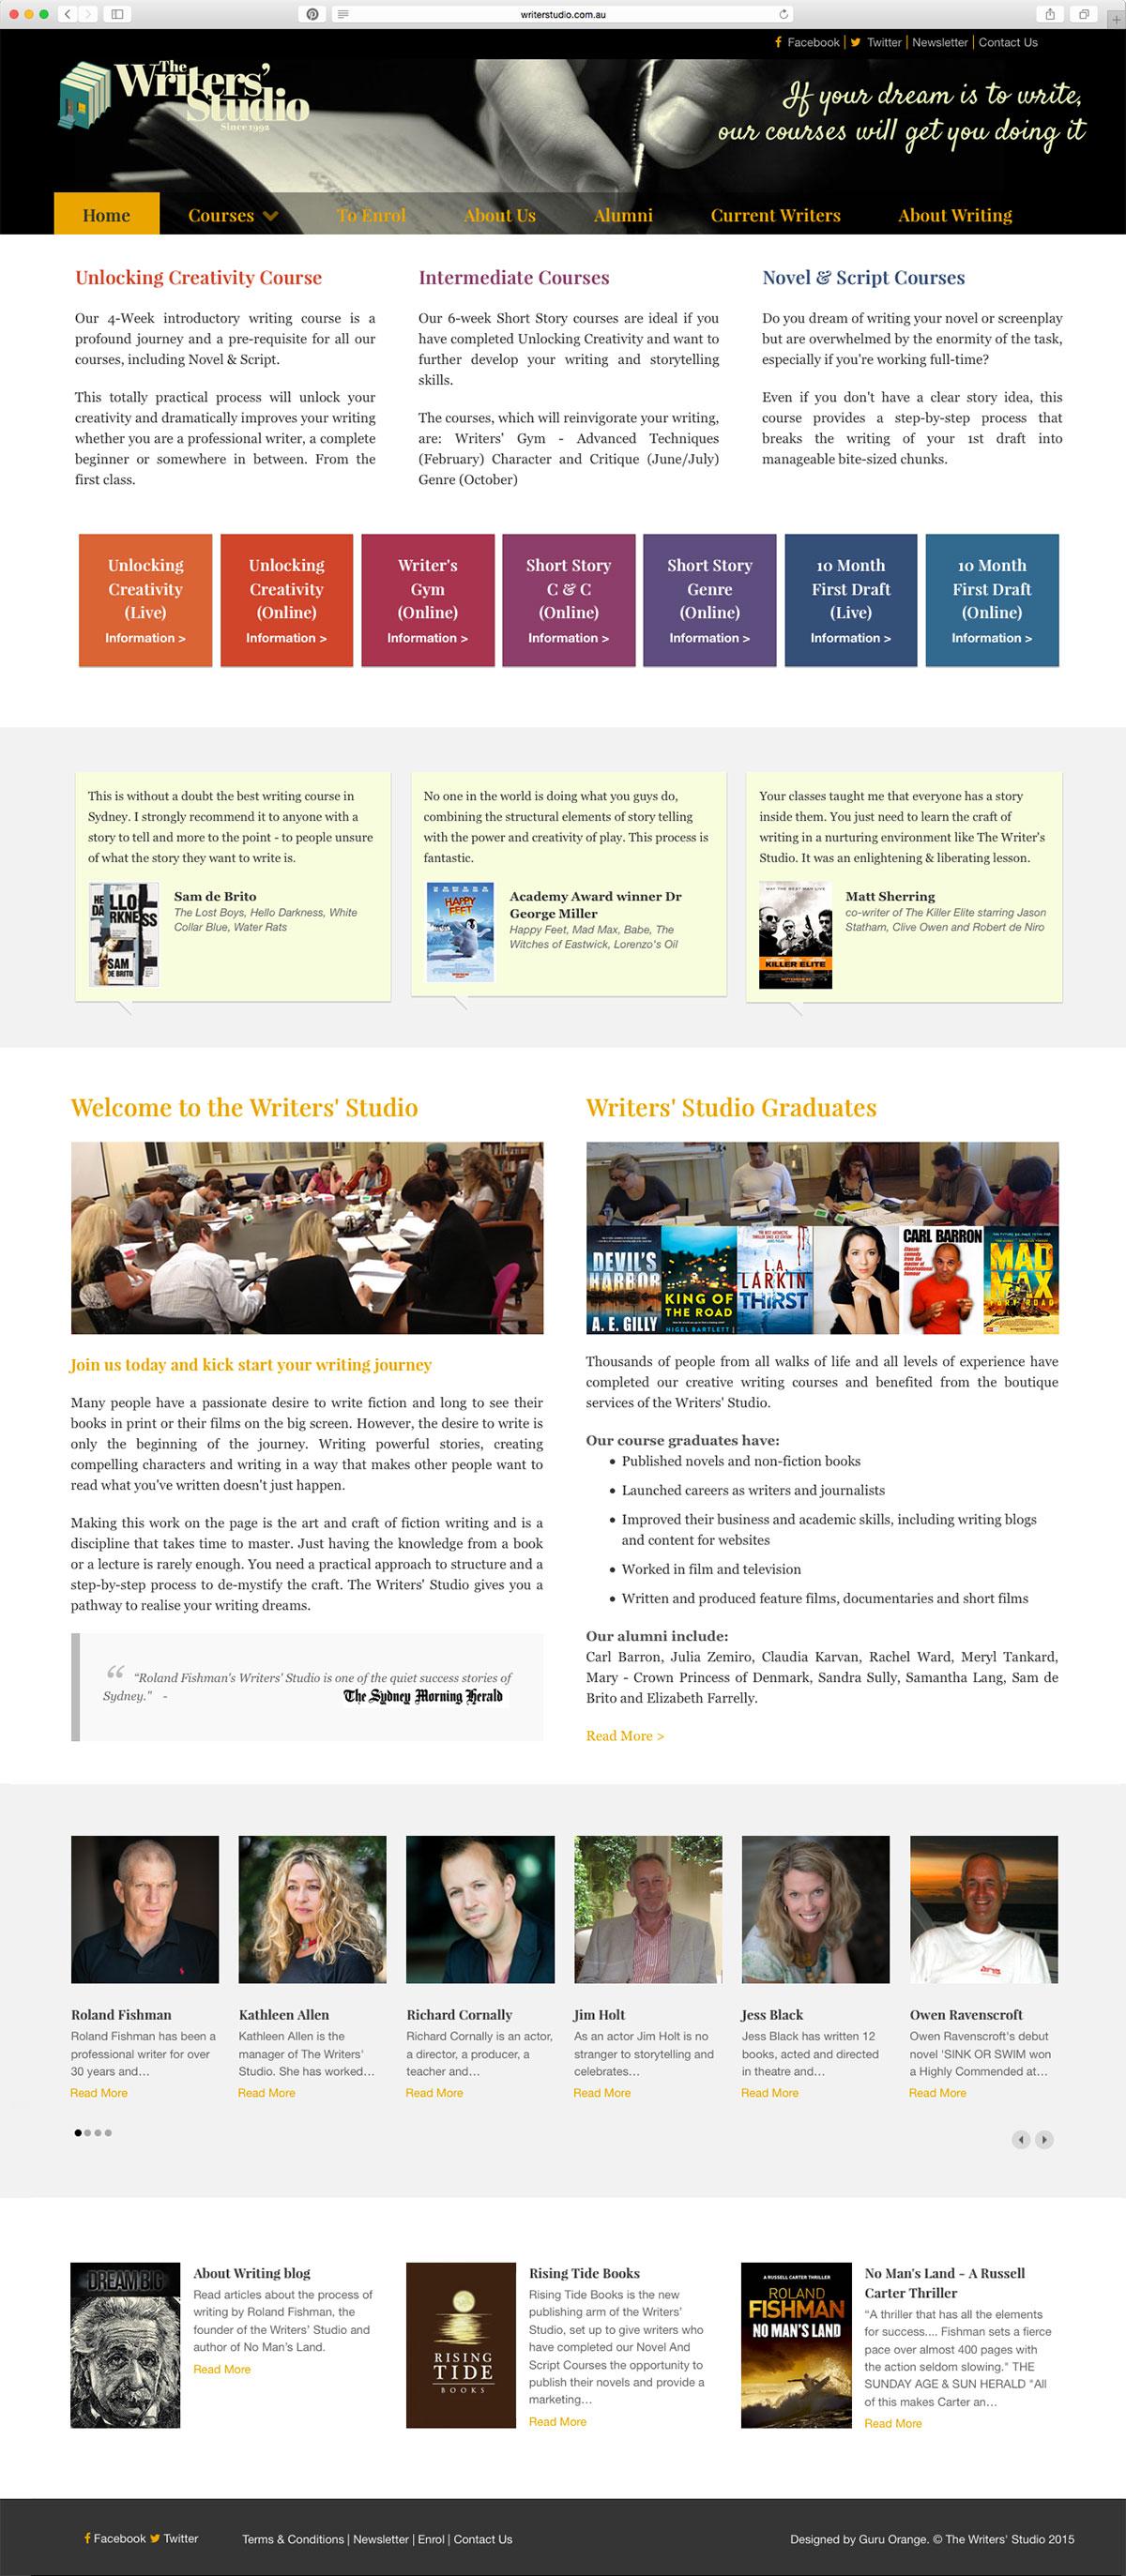 The Writers' Studio website update by Guru Orange